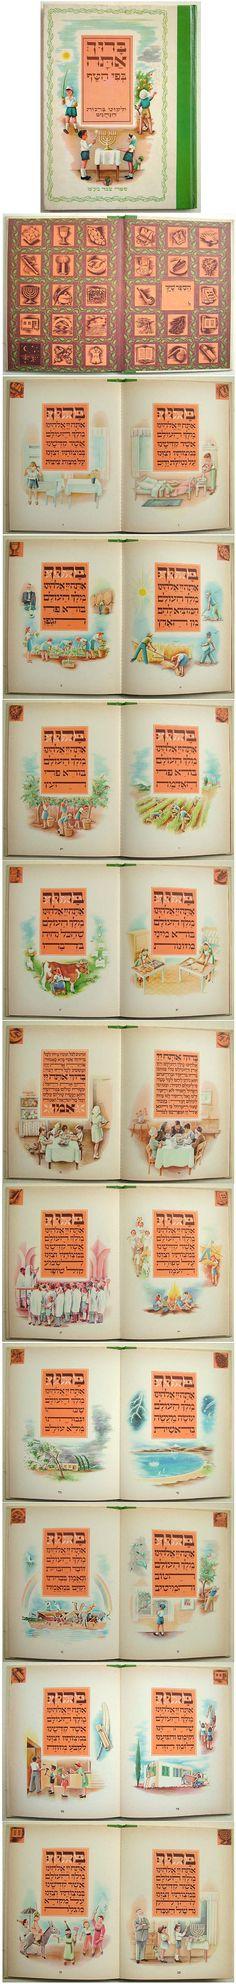 http://judaica-bookstore.0catch.com/2/2882.jpg